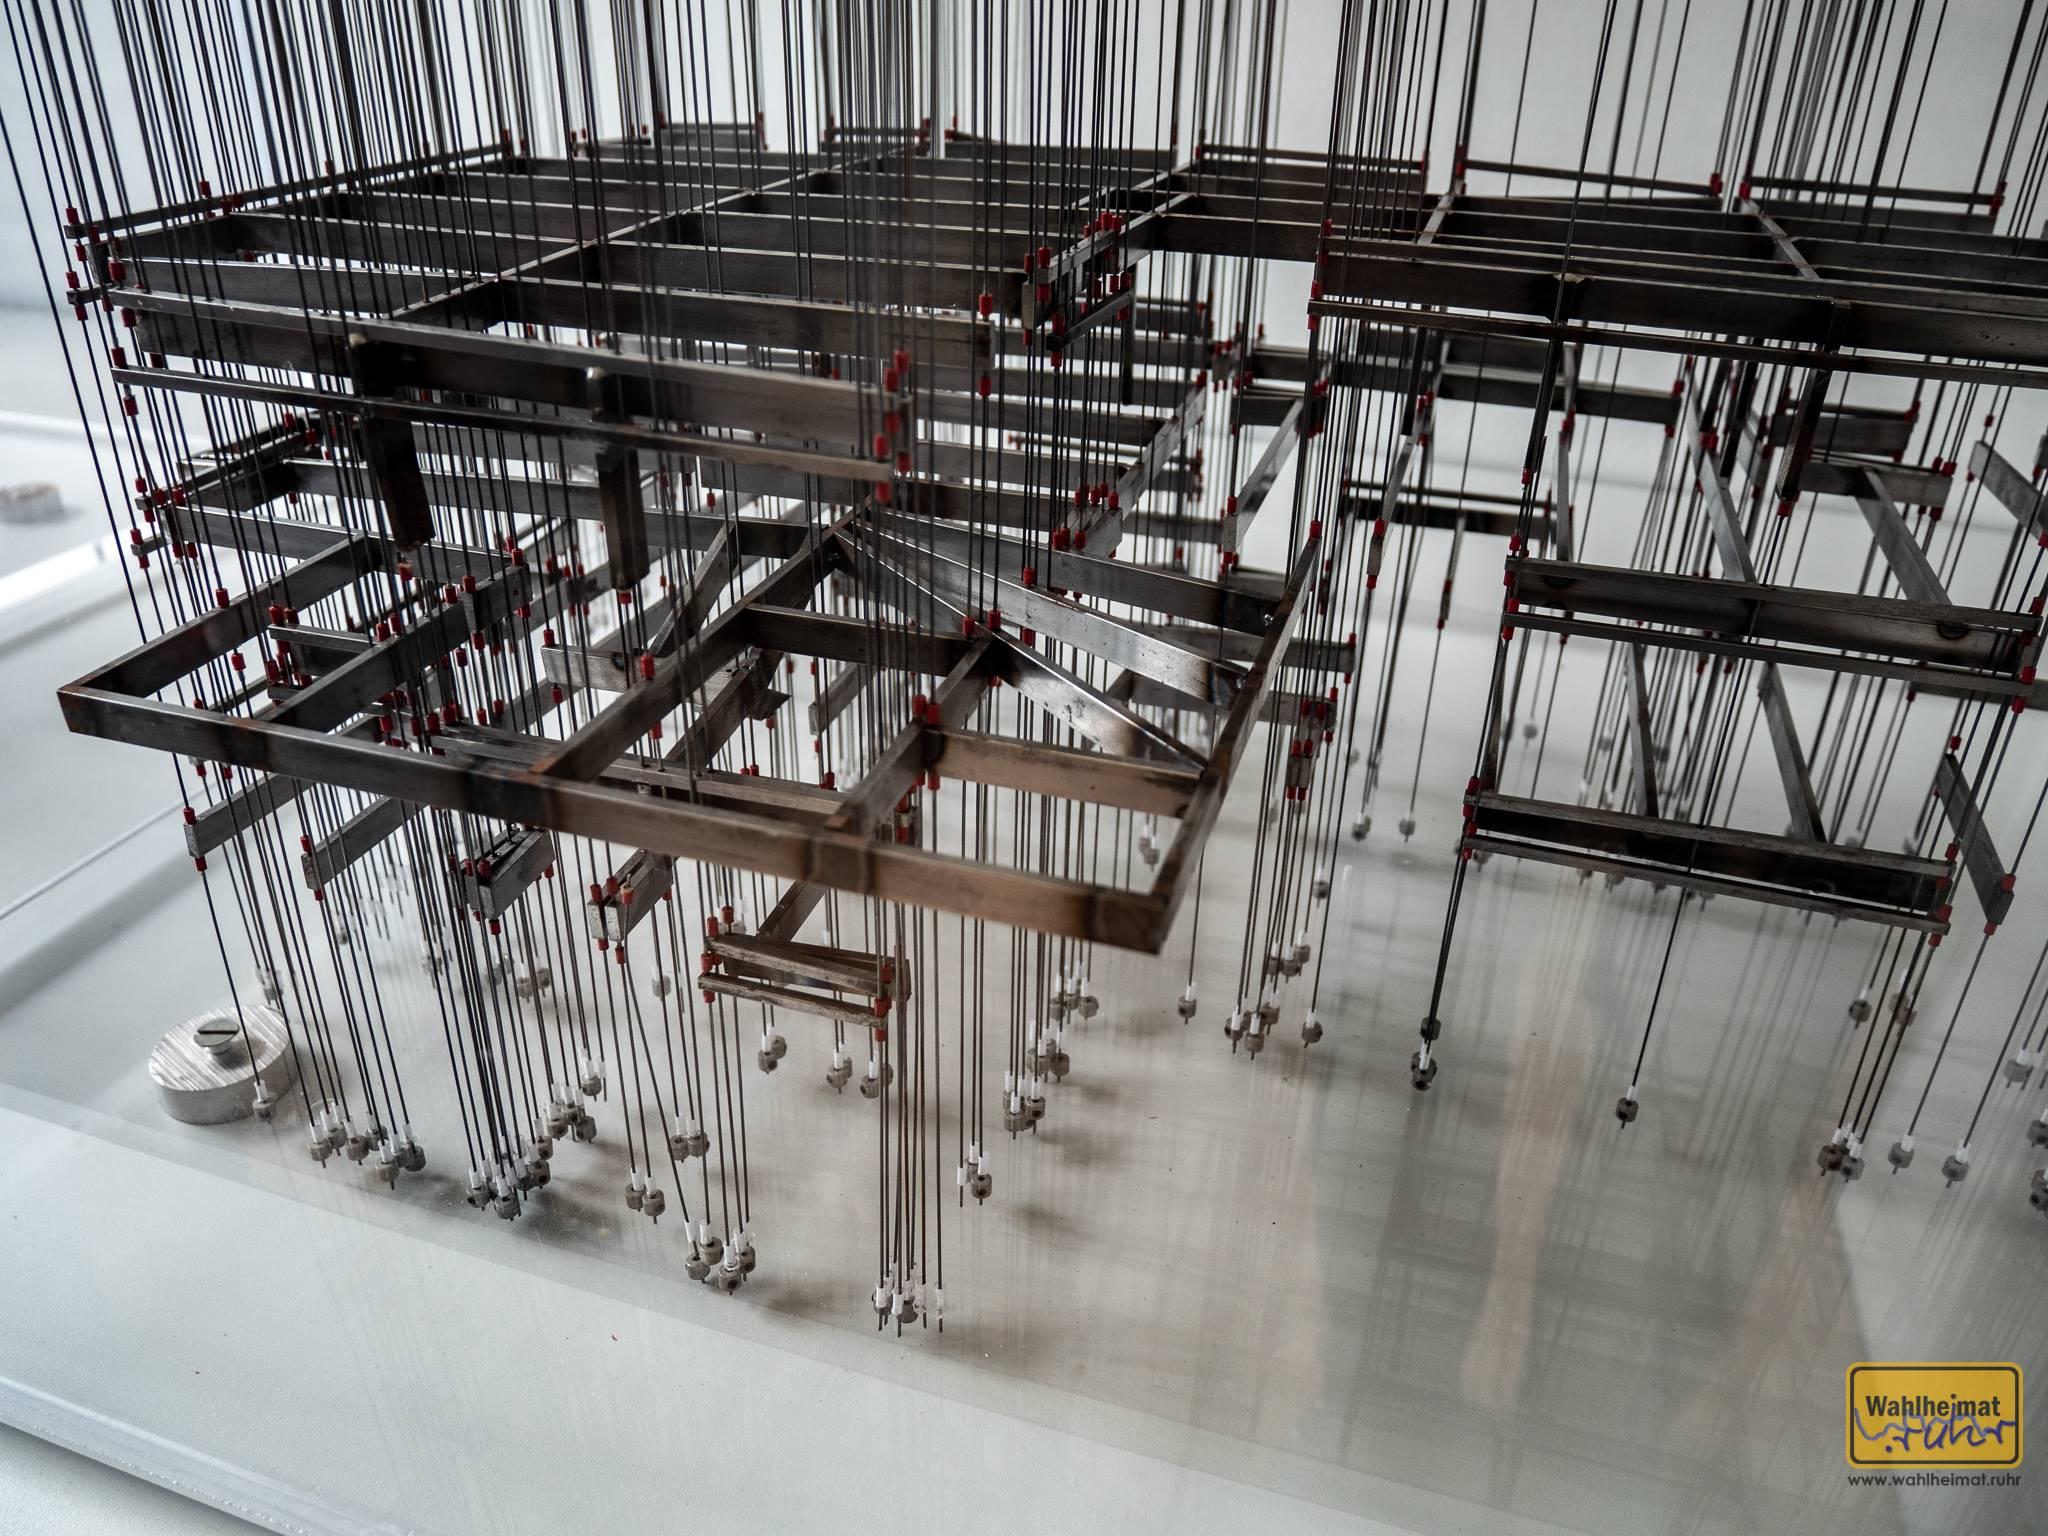 Erst aufwändige Stahlkonstruktionen machten manche Bauhaus-Konstruktionen möglich - so wie hier ein Blick in das Innenleben von Haus Esters. Heißt dann allerdings auch: die Fassade draußen ist nur zur Zierde...